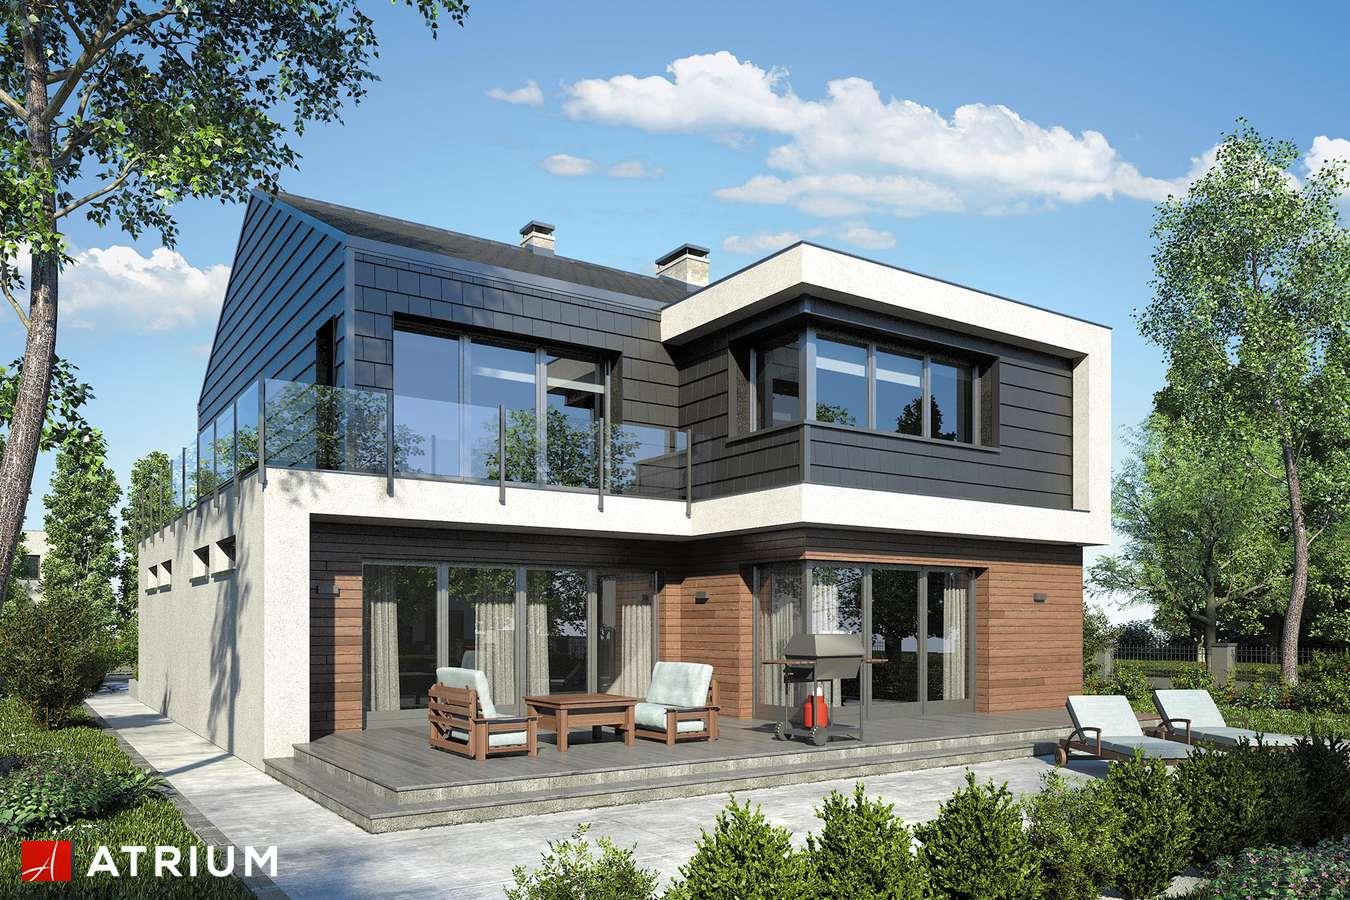 Projekty domów - Projekt domu piętrowego NEW HOUSE - wizualizacja 2 - wersja lustrzana